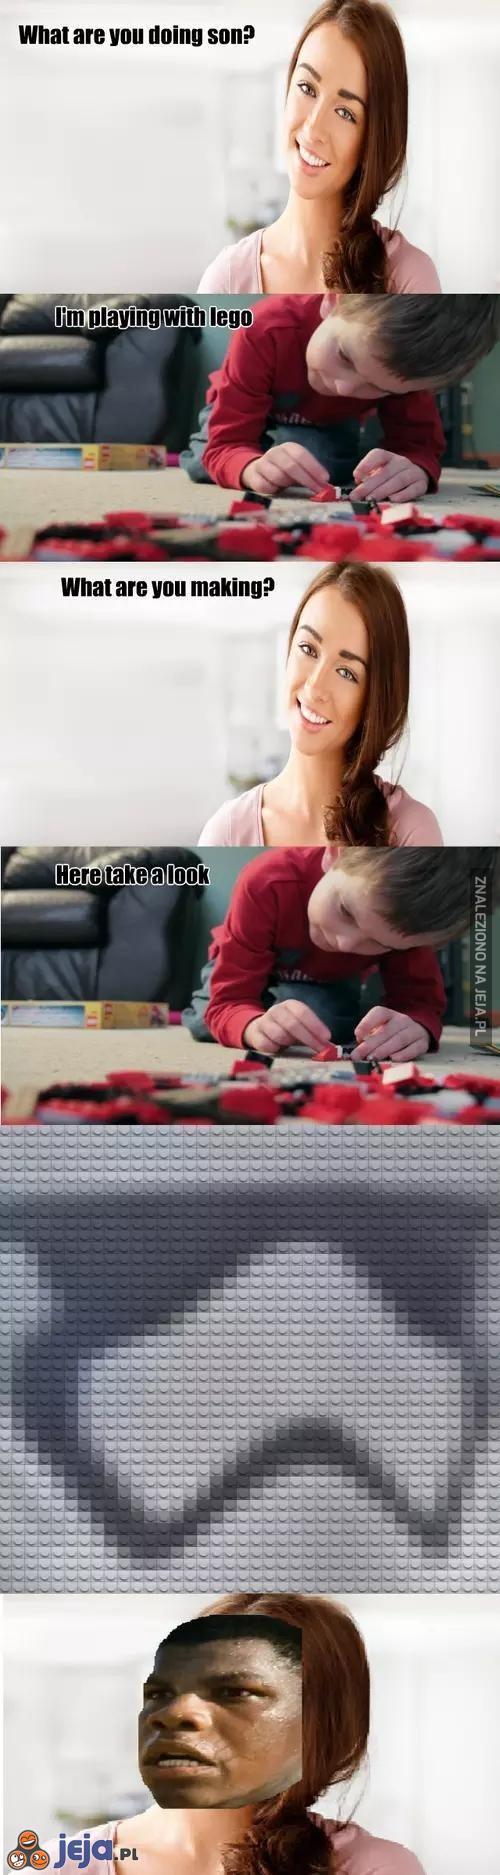 LEGOzdrajcy